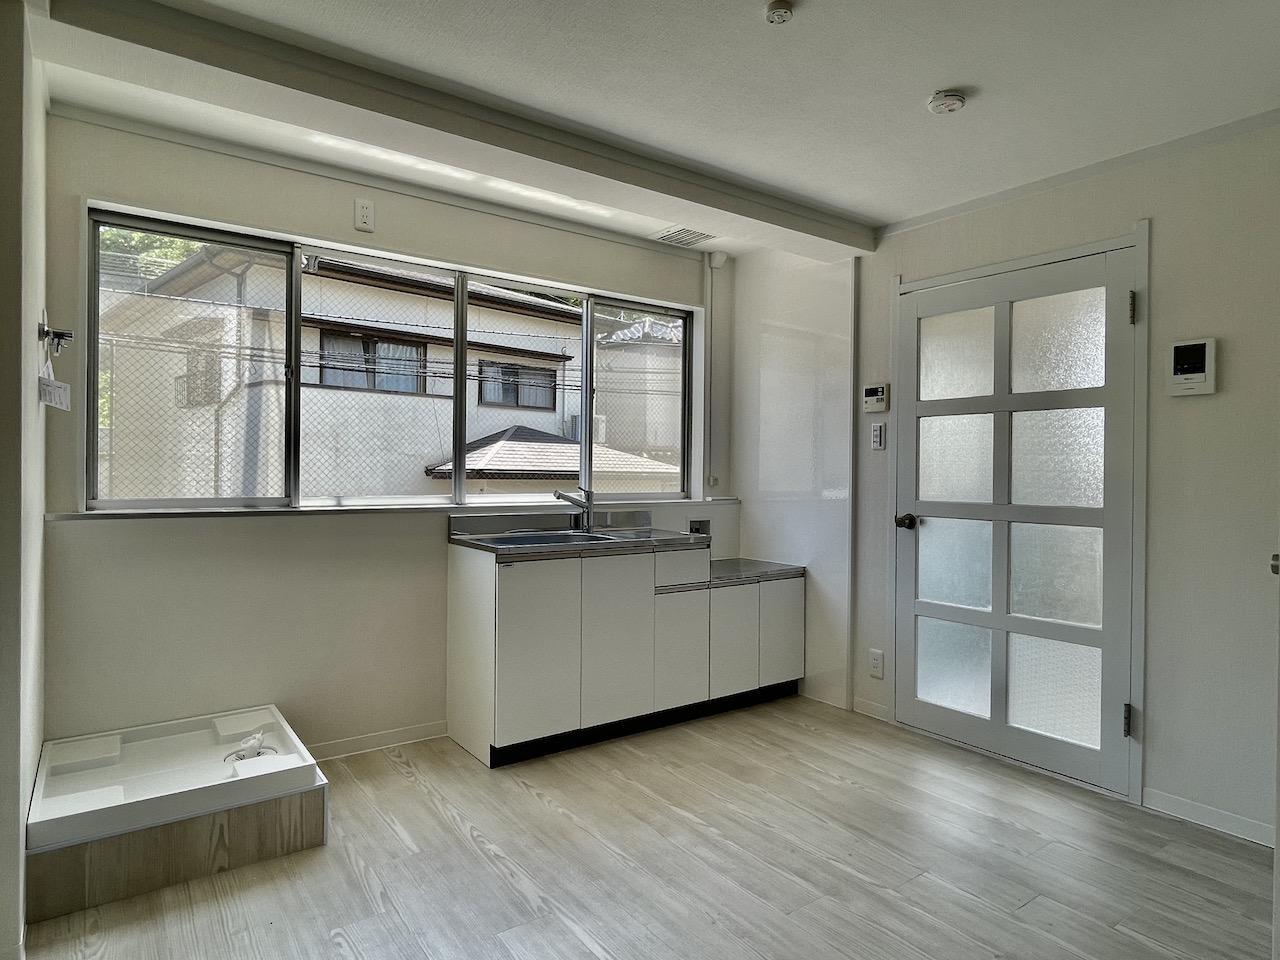 キッチンにも窓があり明るい。